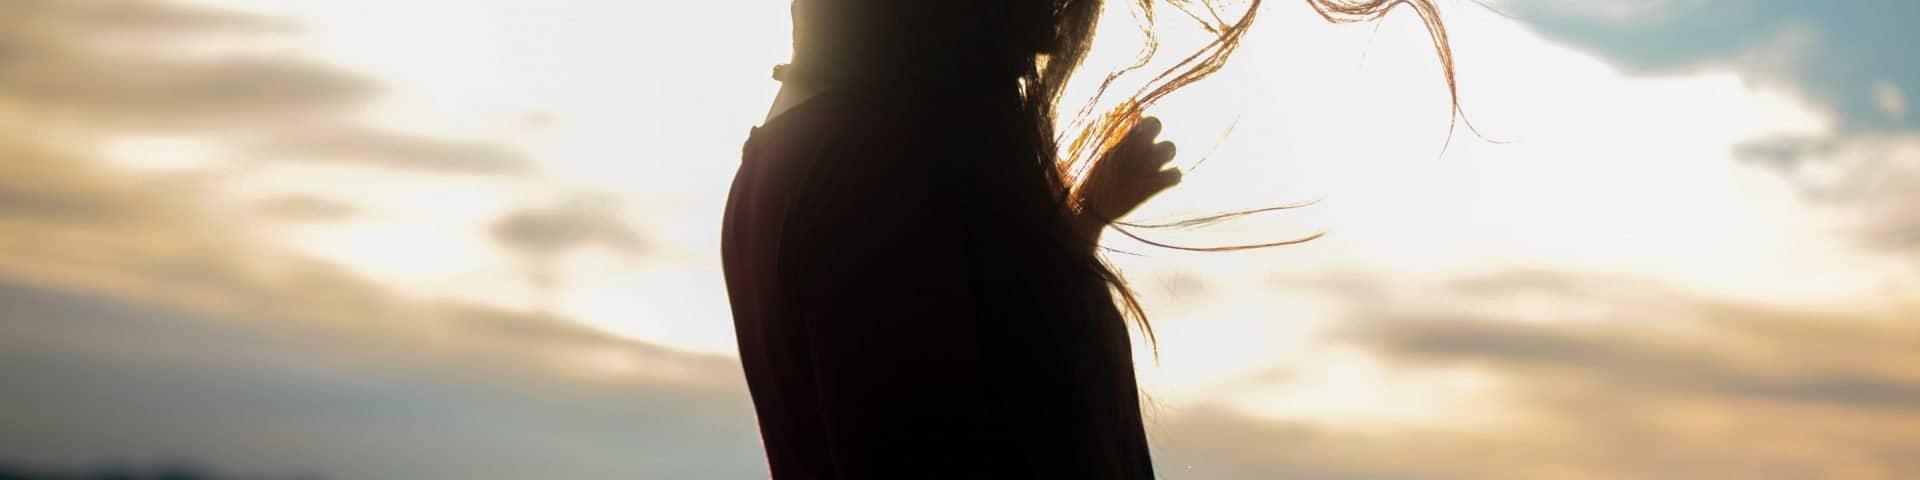 Liebe kann dich nicht retten, und 14 andere Dinge, an die du denken musst, wenn du eine Beziehung suchst